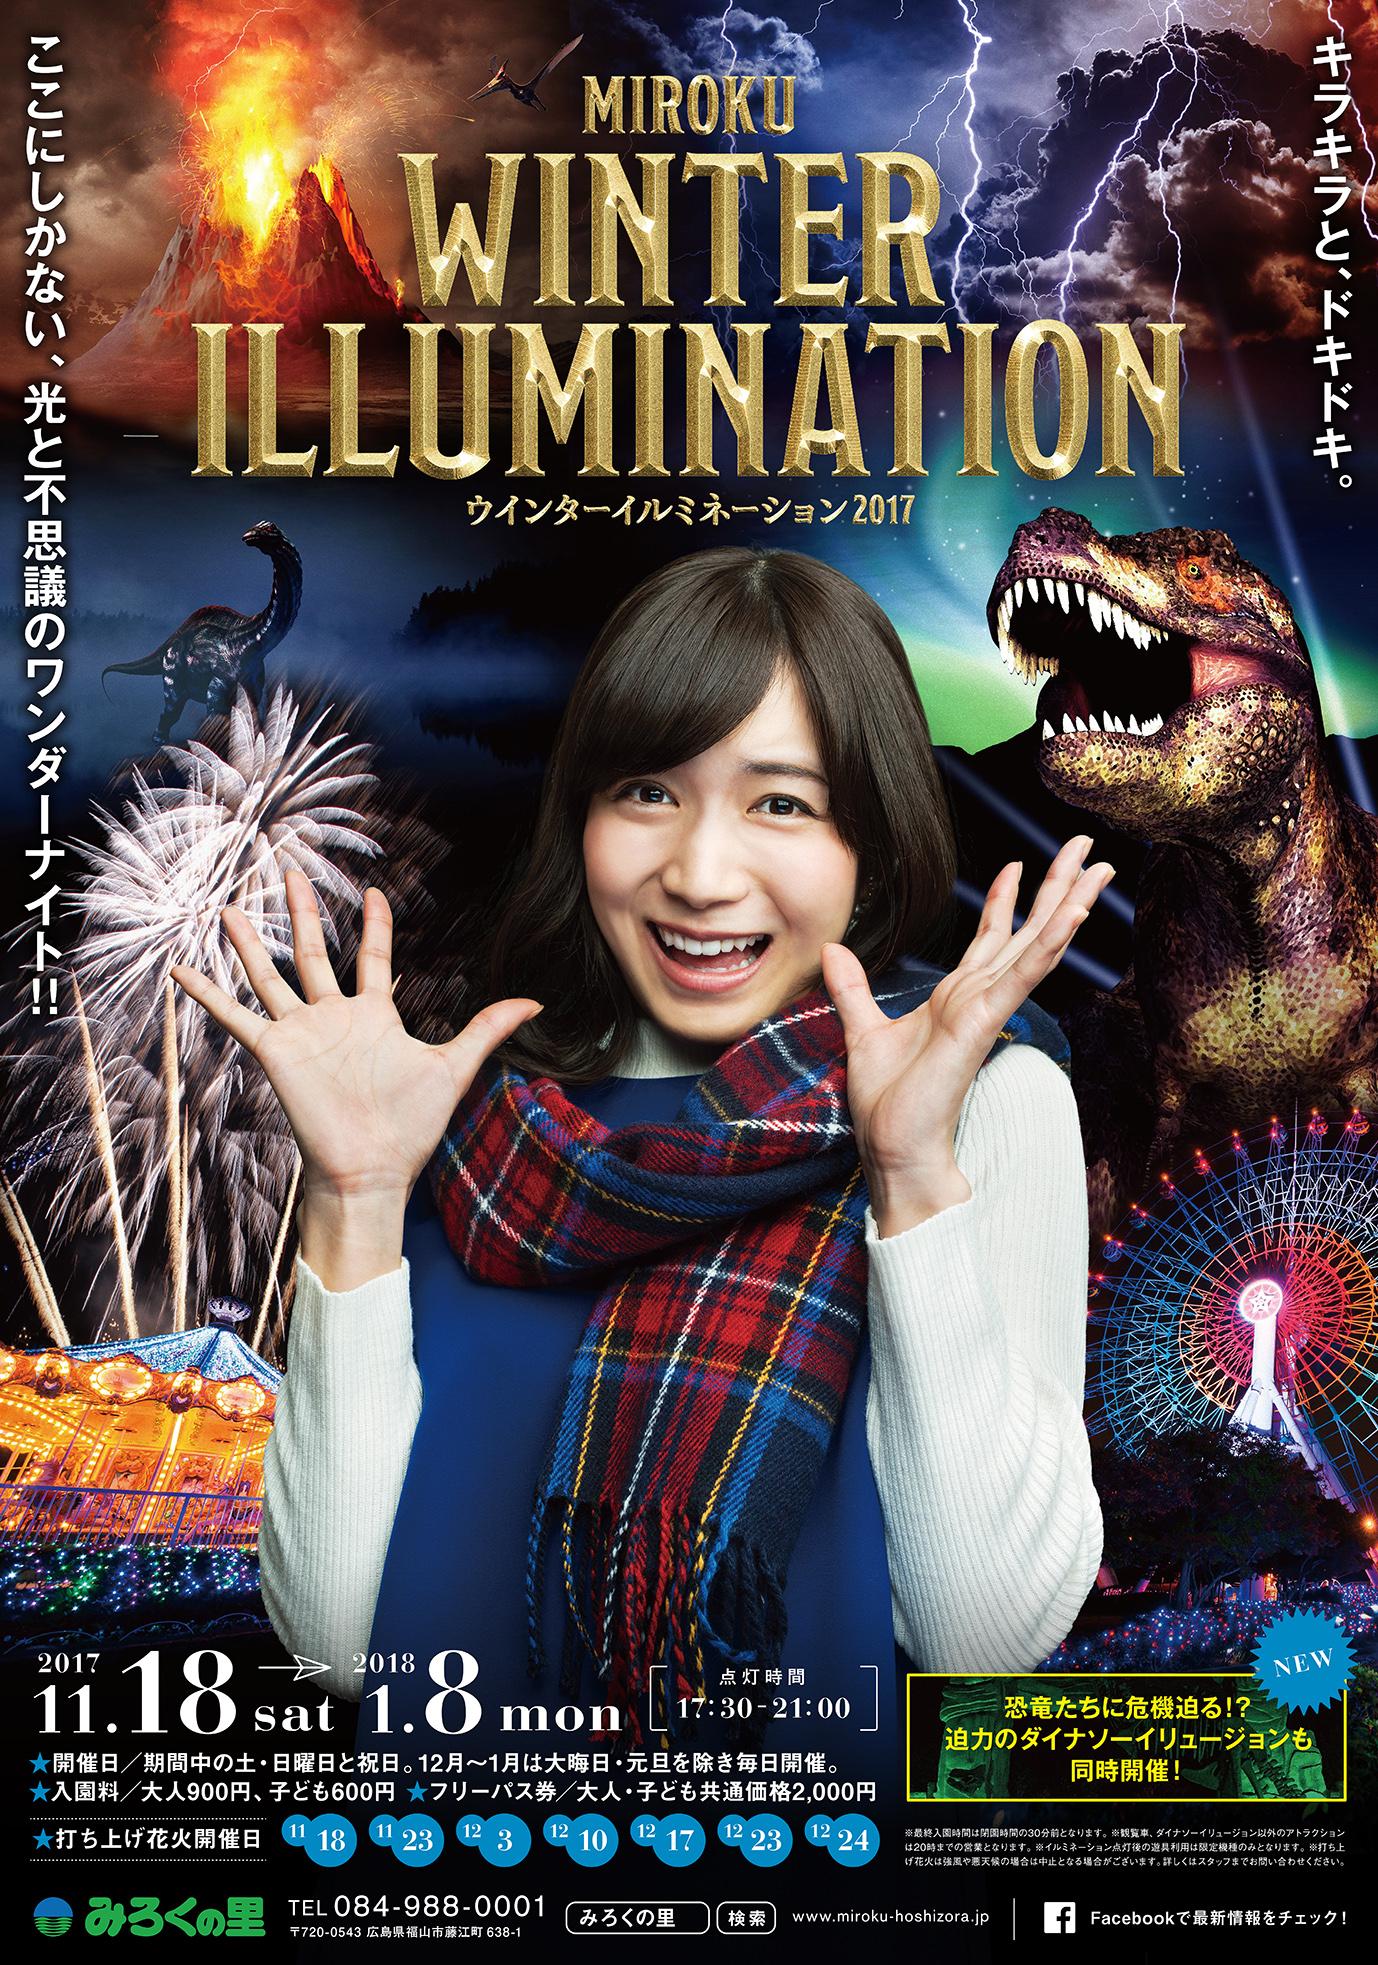 """""""みろくの里 ウインターイルミネーション2017""""11月18日(土)スタート。恐竜絶滅のストーリーを仮想体験「ダイナソーイリュージョン」登場"""